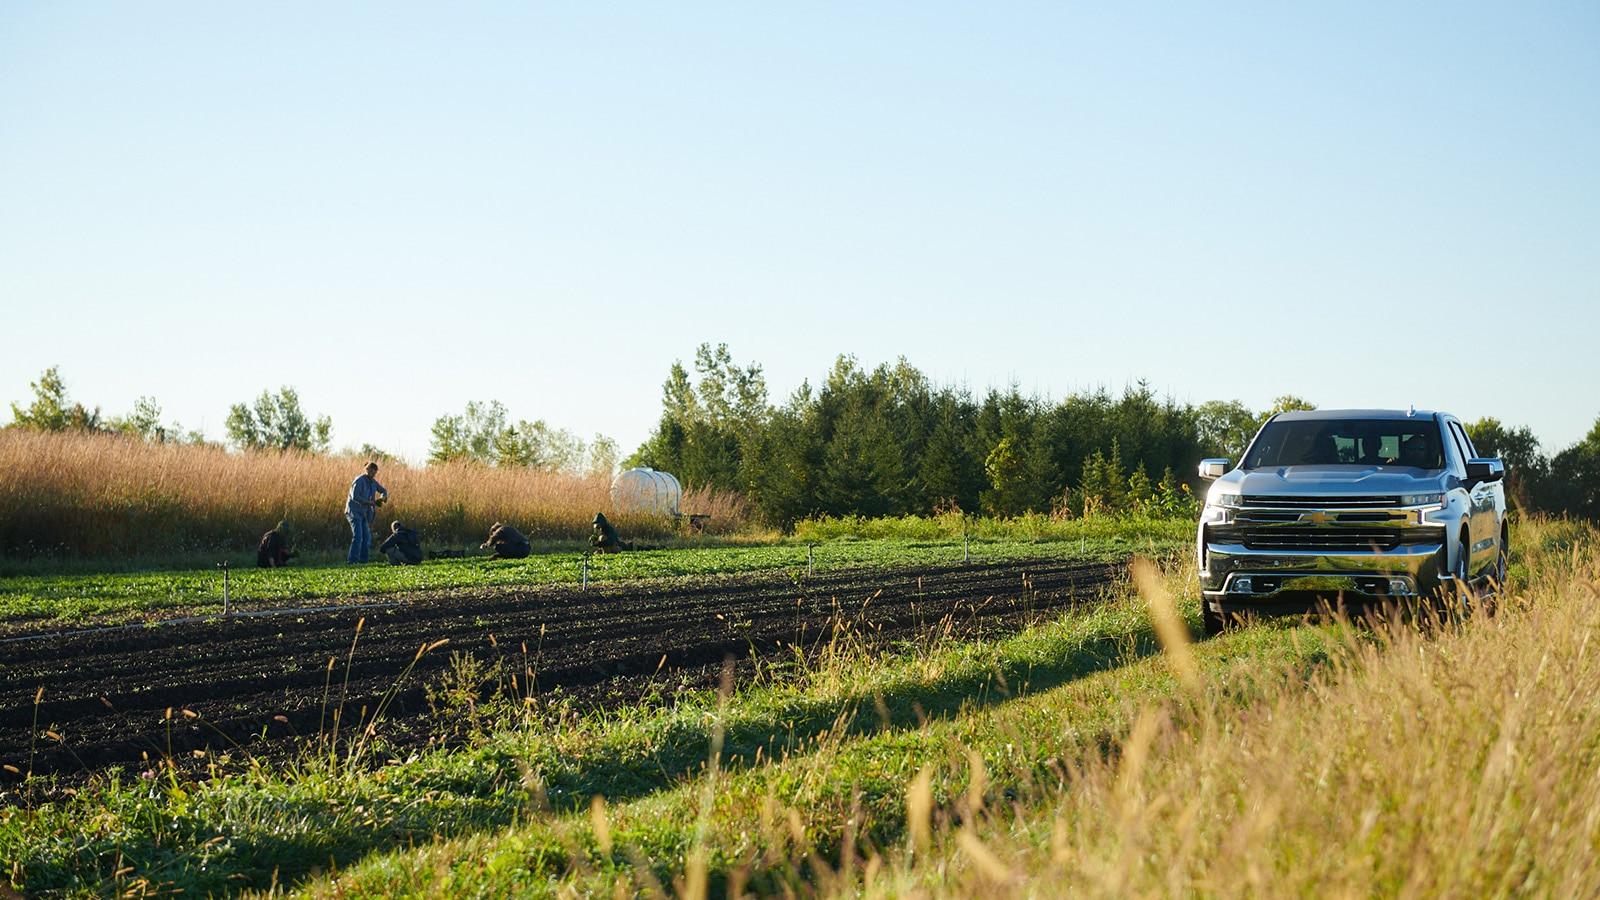 Una Chevy Silverado 2019 conduce pasando un pequeño campo de cosechas sobre un camino de tierra de dos carriles.